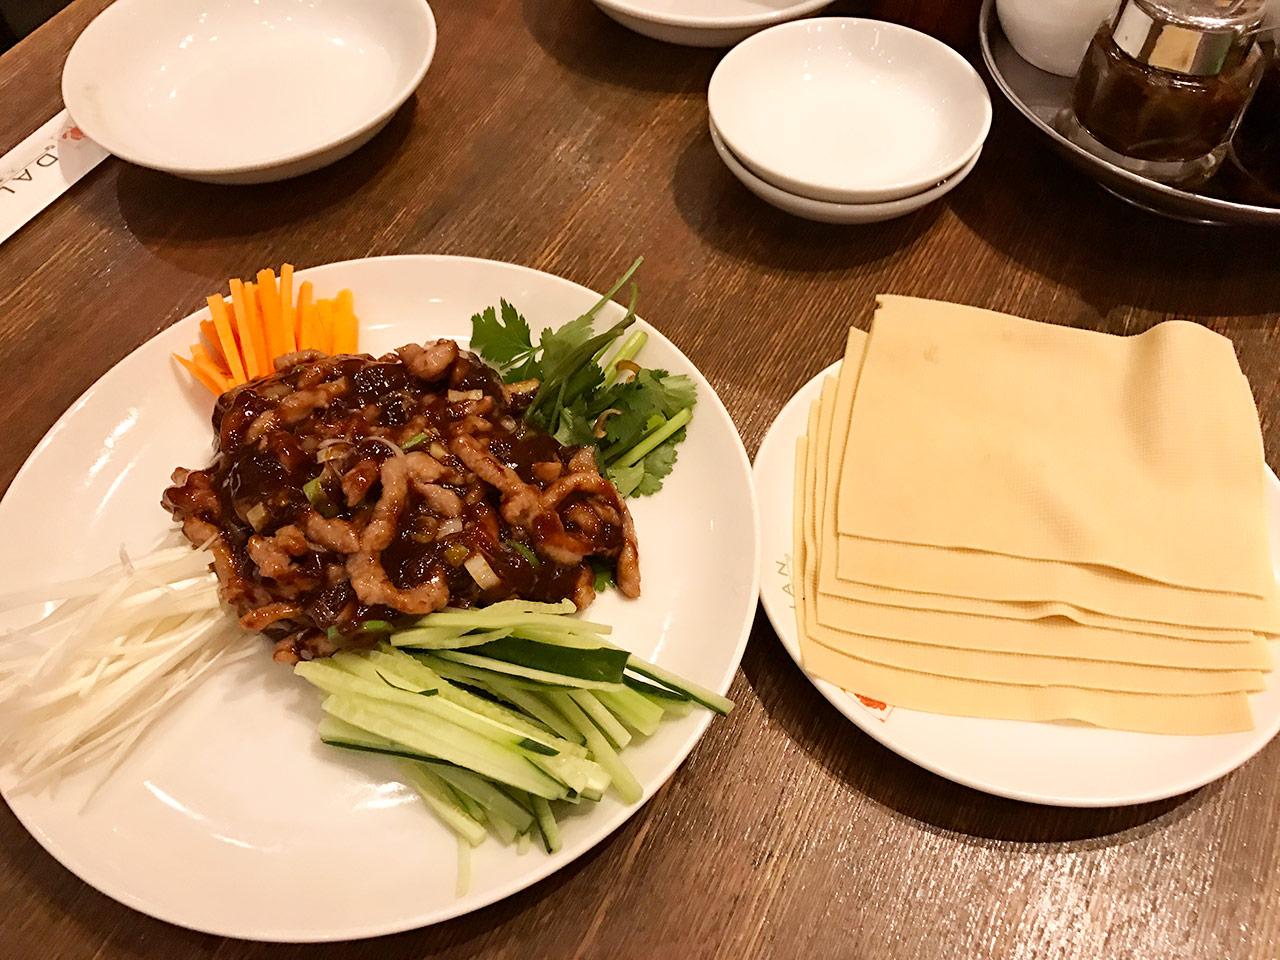 麻布十番「ダリアン」の肉みそと野菜の干し豆腐巻き